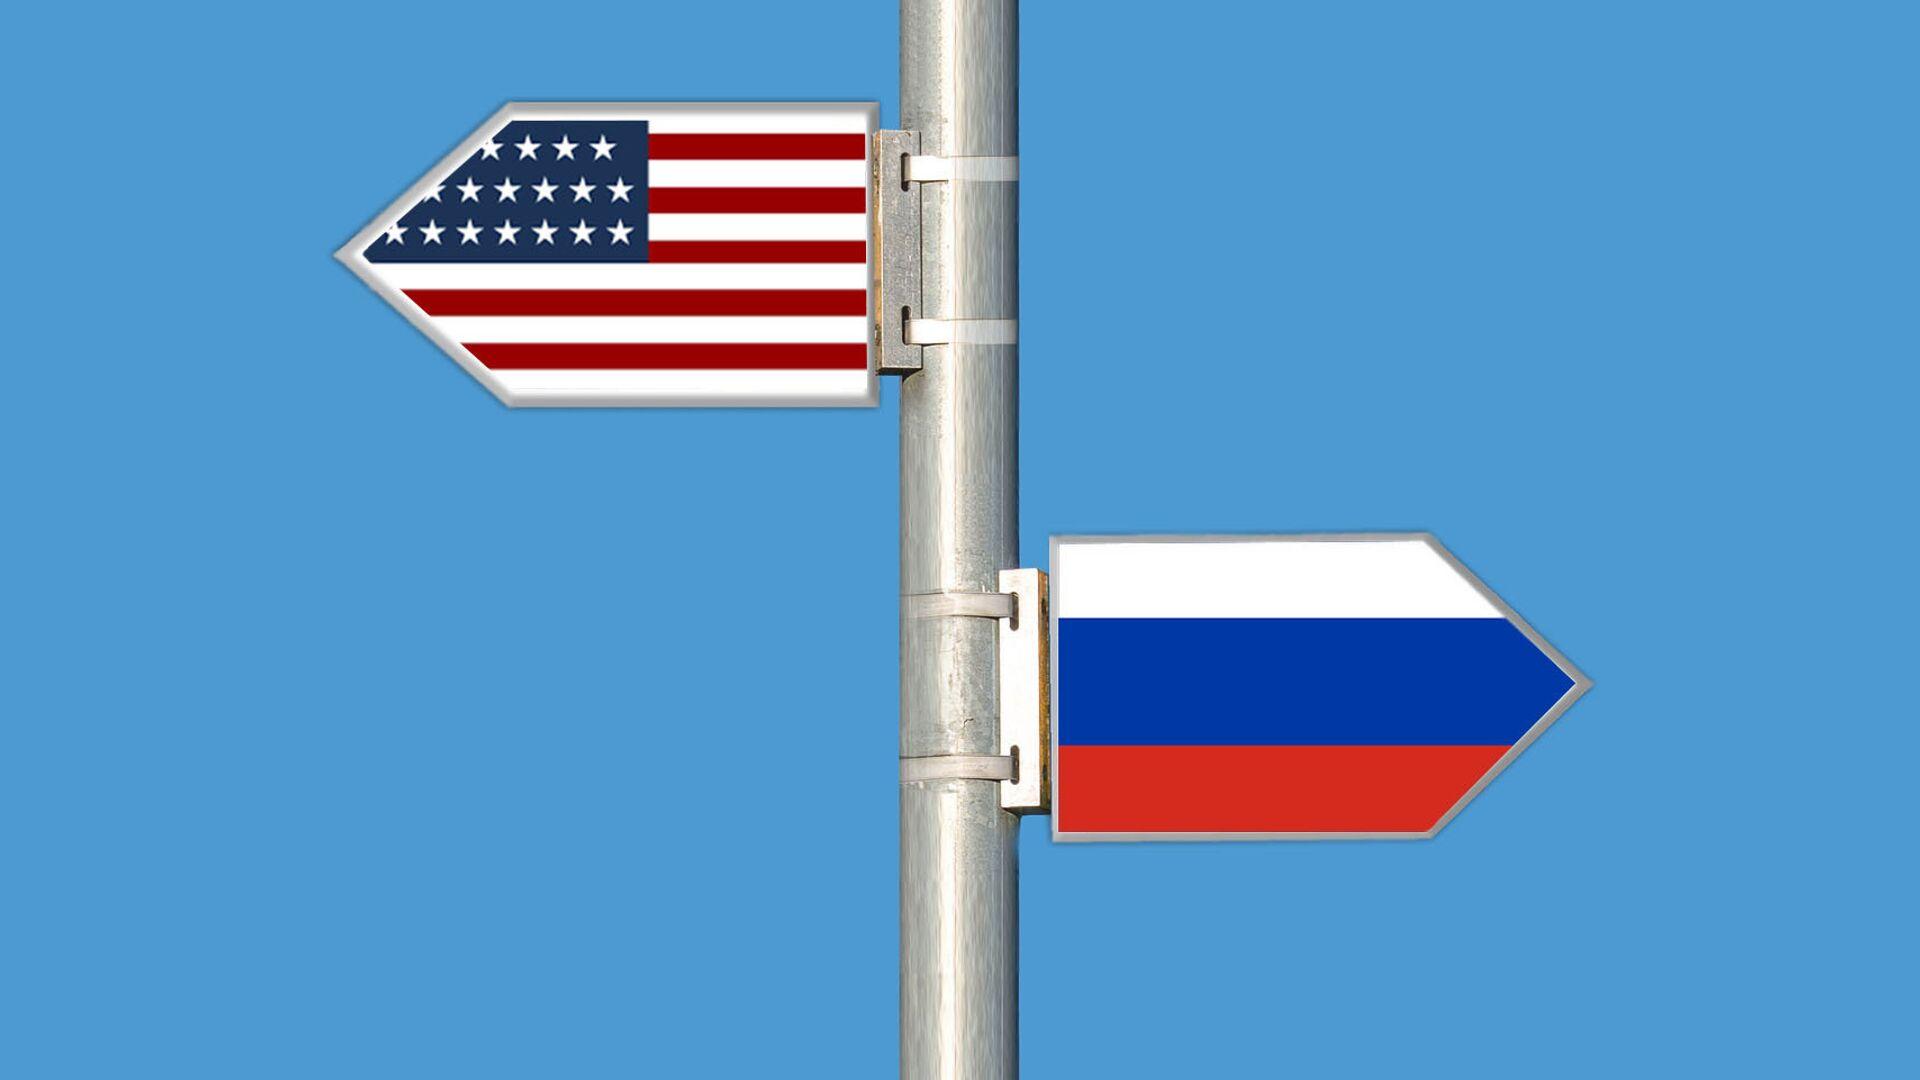 SAD Rusija - ilustracija - Sputnik Srbija, 1920, 15.09.2021